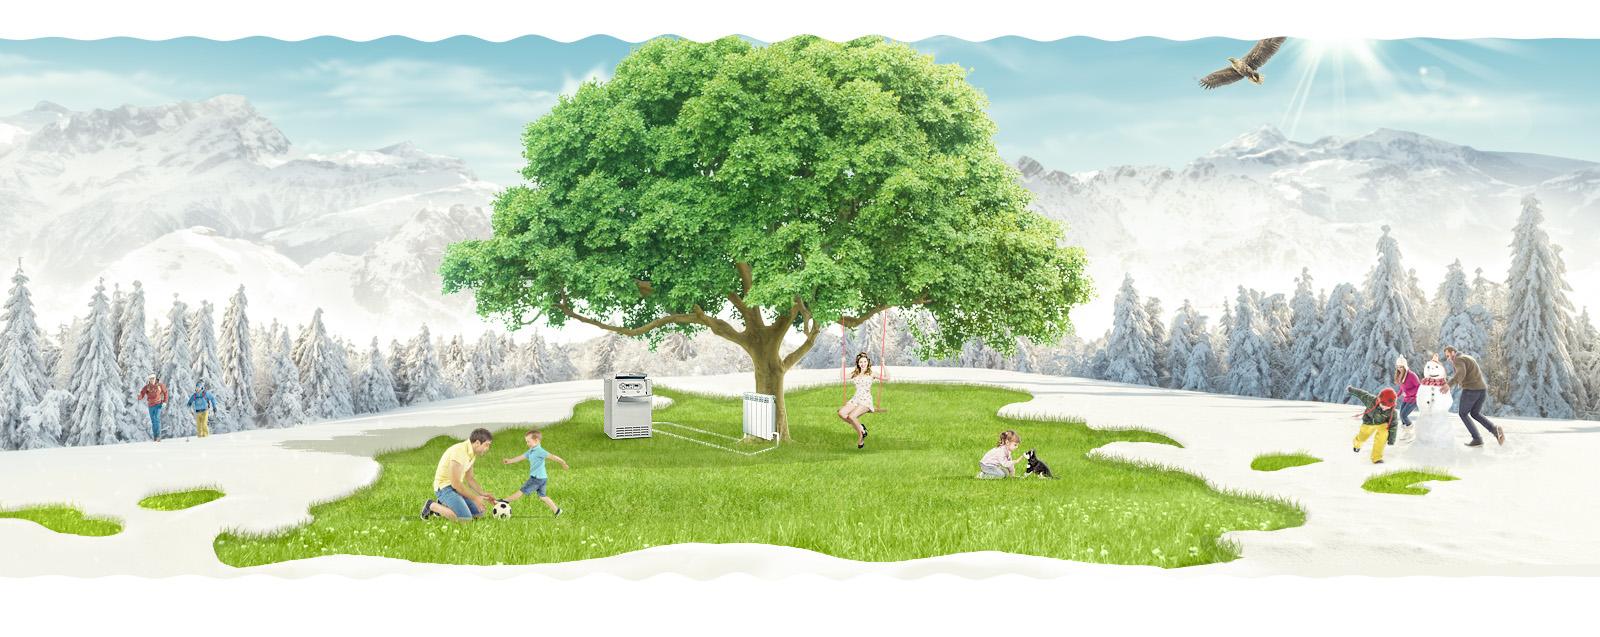 зеленский картинки для шапок интернет сайтов квартир саларьево парк